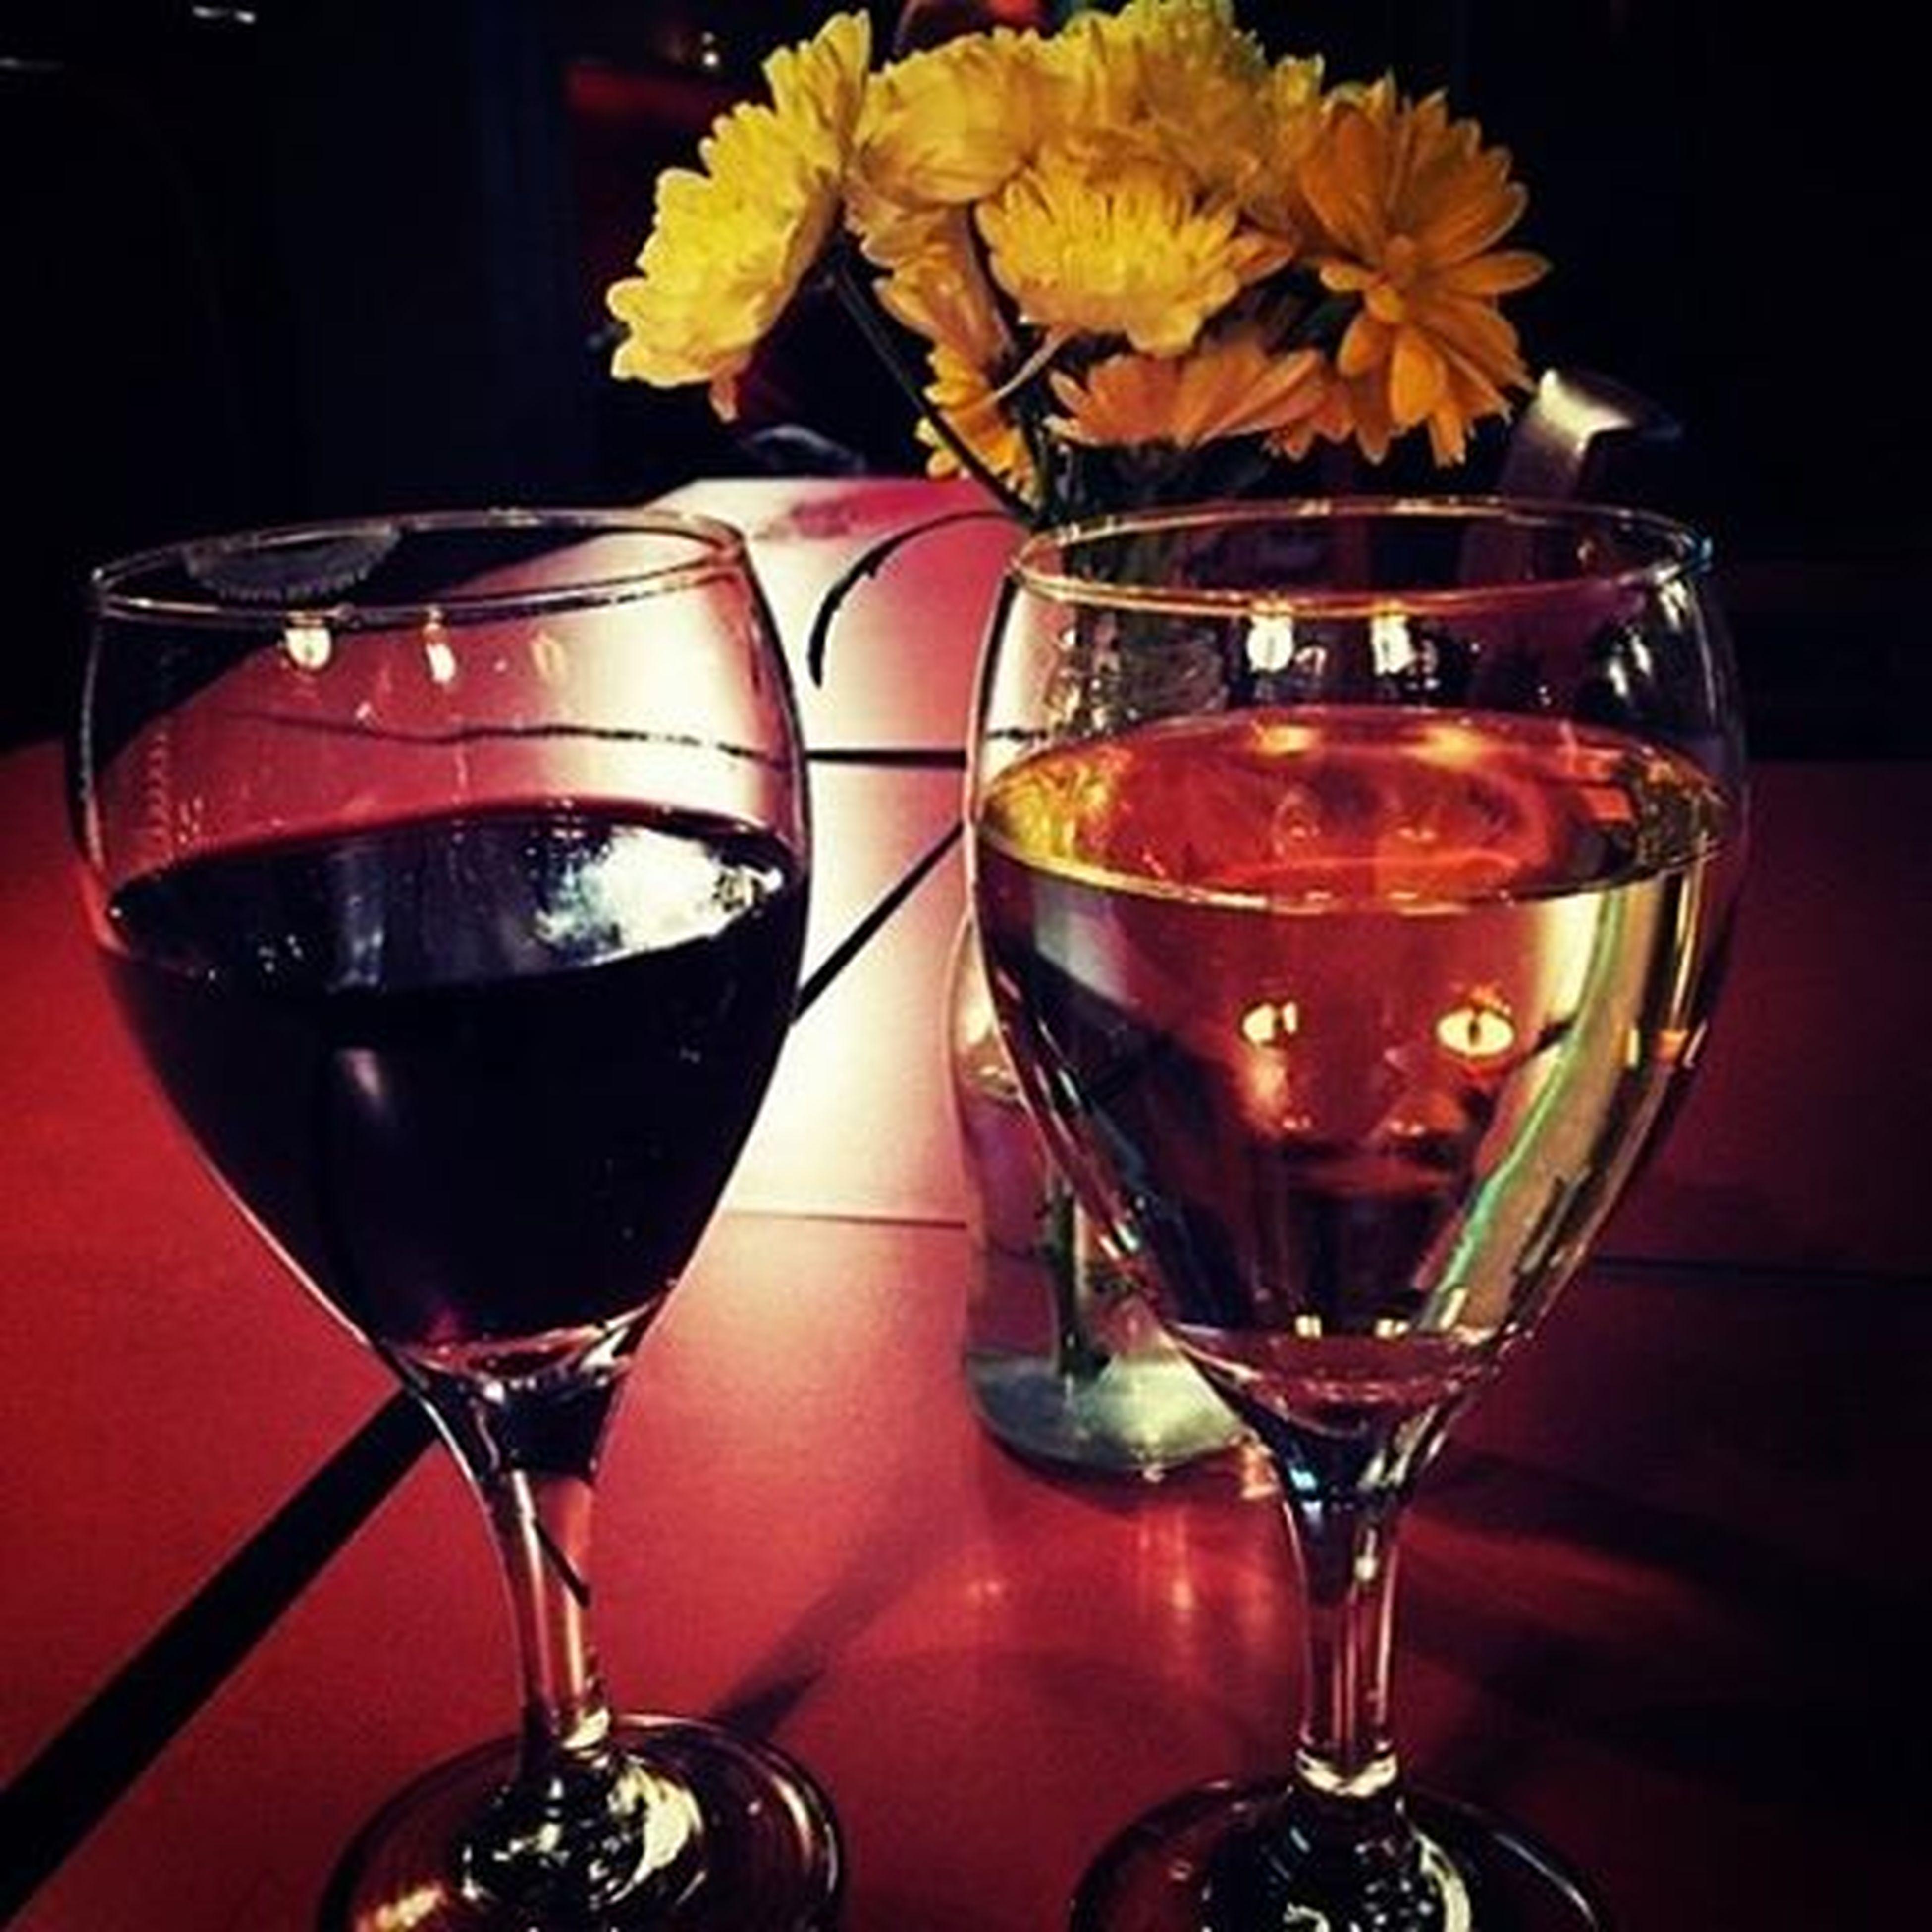 Βάλε κρασί στου φίλου το ποτήρι κι ασ'τη μοναξιά να κάνει χαρακίρι.•{January 6th} Athens Vinsanto μαυροματαίων ελεωνοράκι πιέςζουζουνέλιπιές Wine Red White FriendsAreFamily Havingfun Nightout πίνουμεγιαναξεχάσουμε είμαστετόσοyolo πουταανακατεύουμεκιόλας τοchristmasτοmoodακόμαστιςκαρδιέςμας λοβιζινδιεαρ VSCO Vscogirls Vscofriends Vscolove Vscowine Vscofun Vsconights Instagreece Instaathens instalovelovelove instalifo